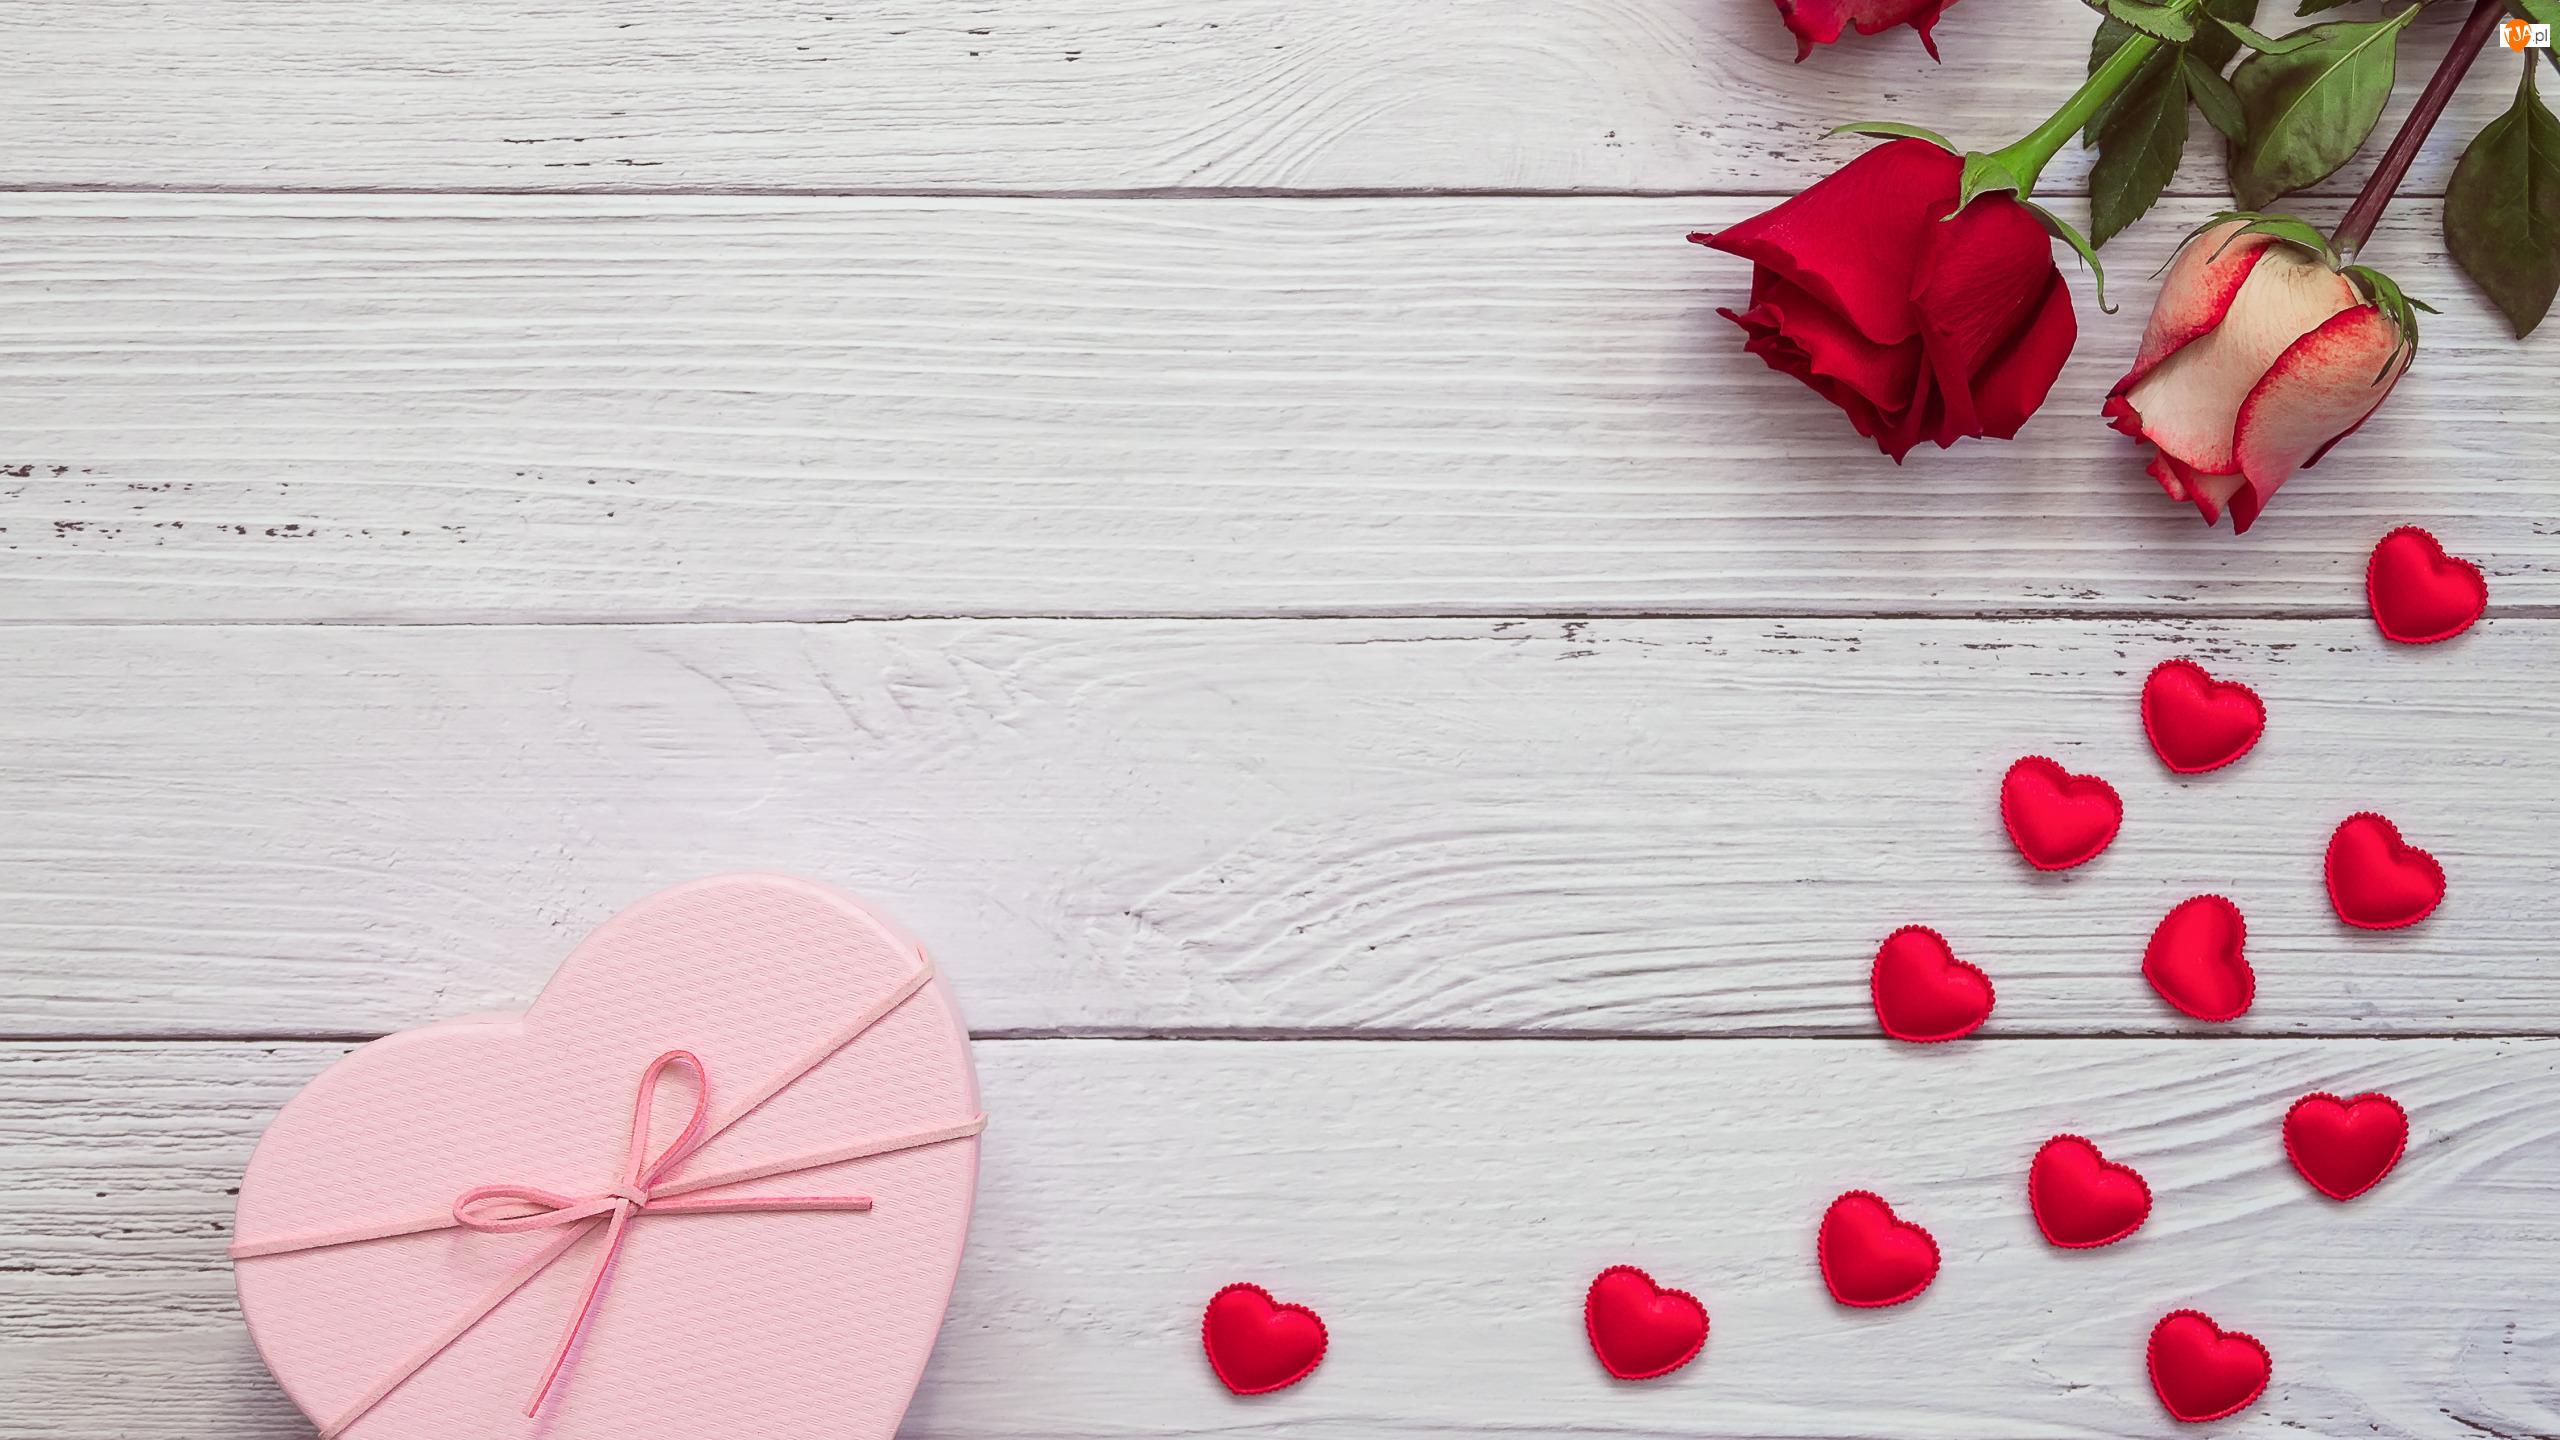 Róże, Walentynki, Miłość, Serduszka